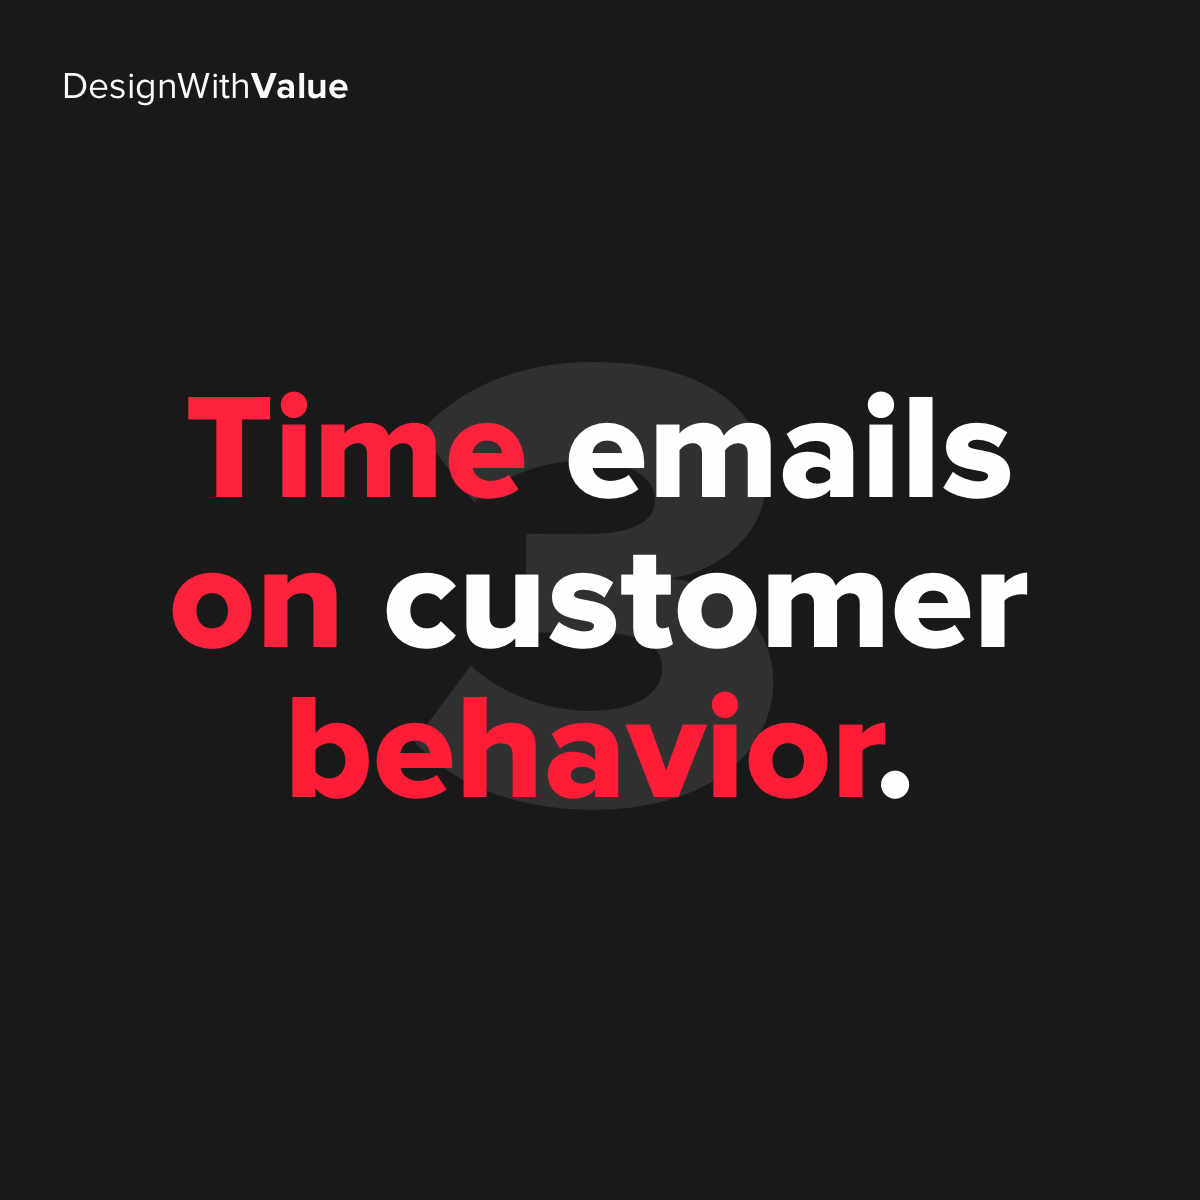 3. Time emails based on customer behavior.